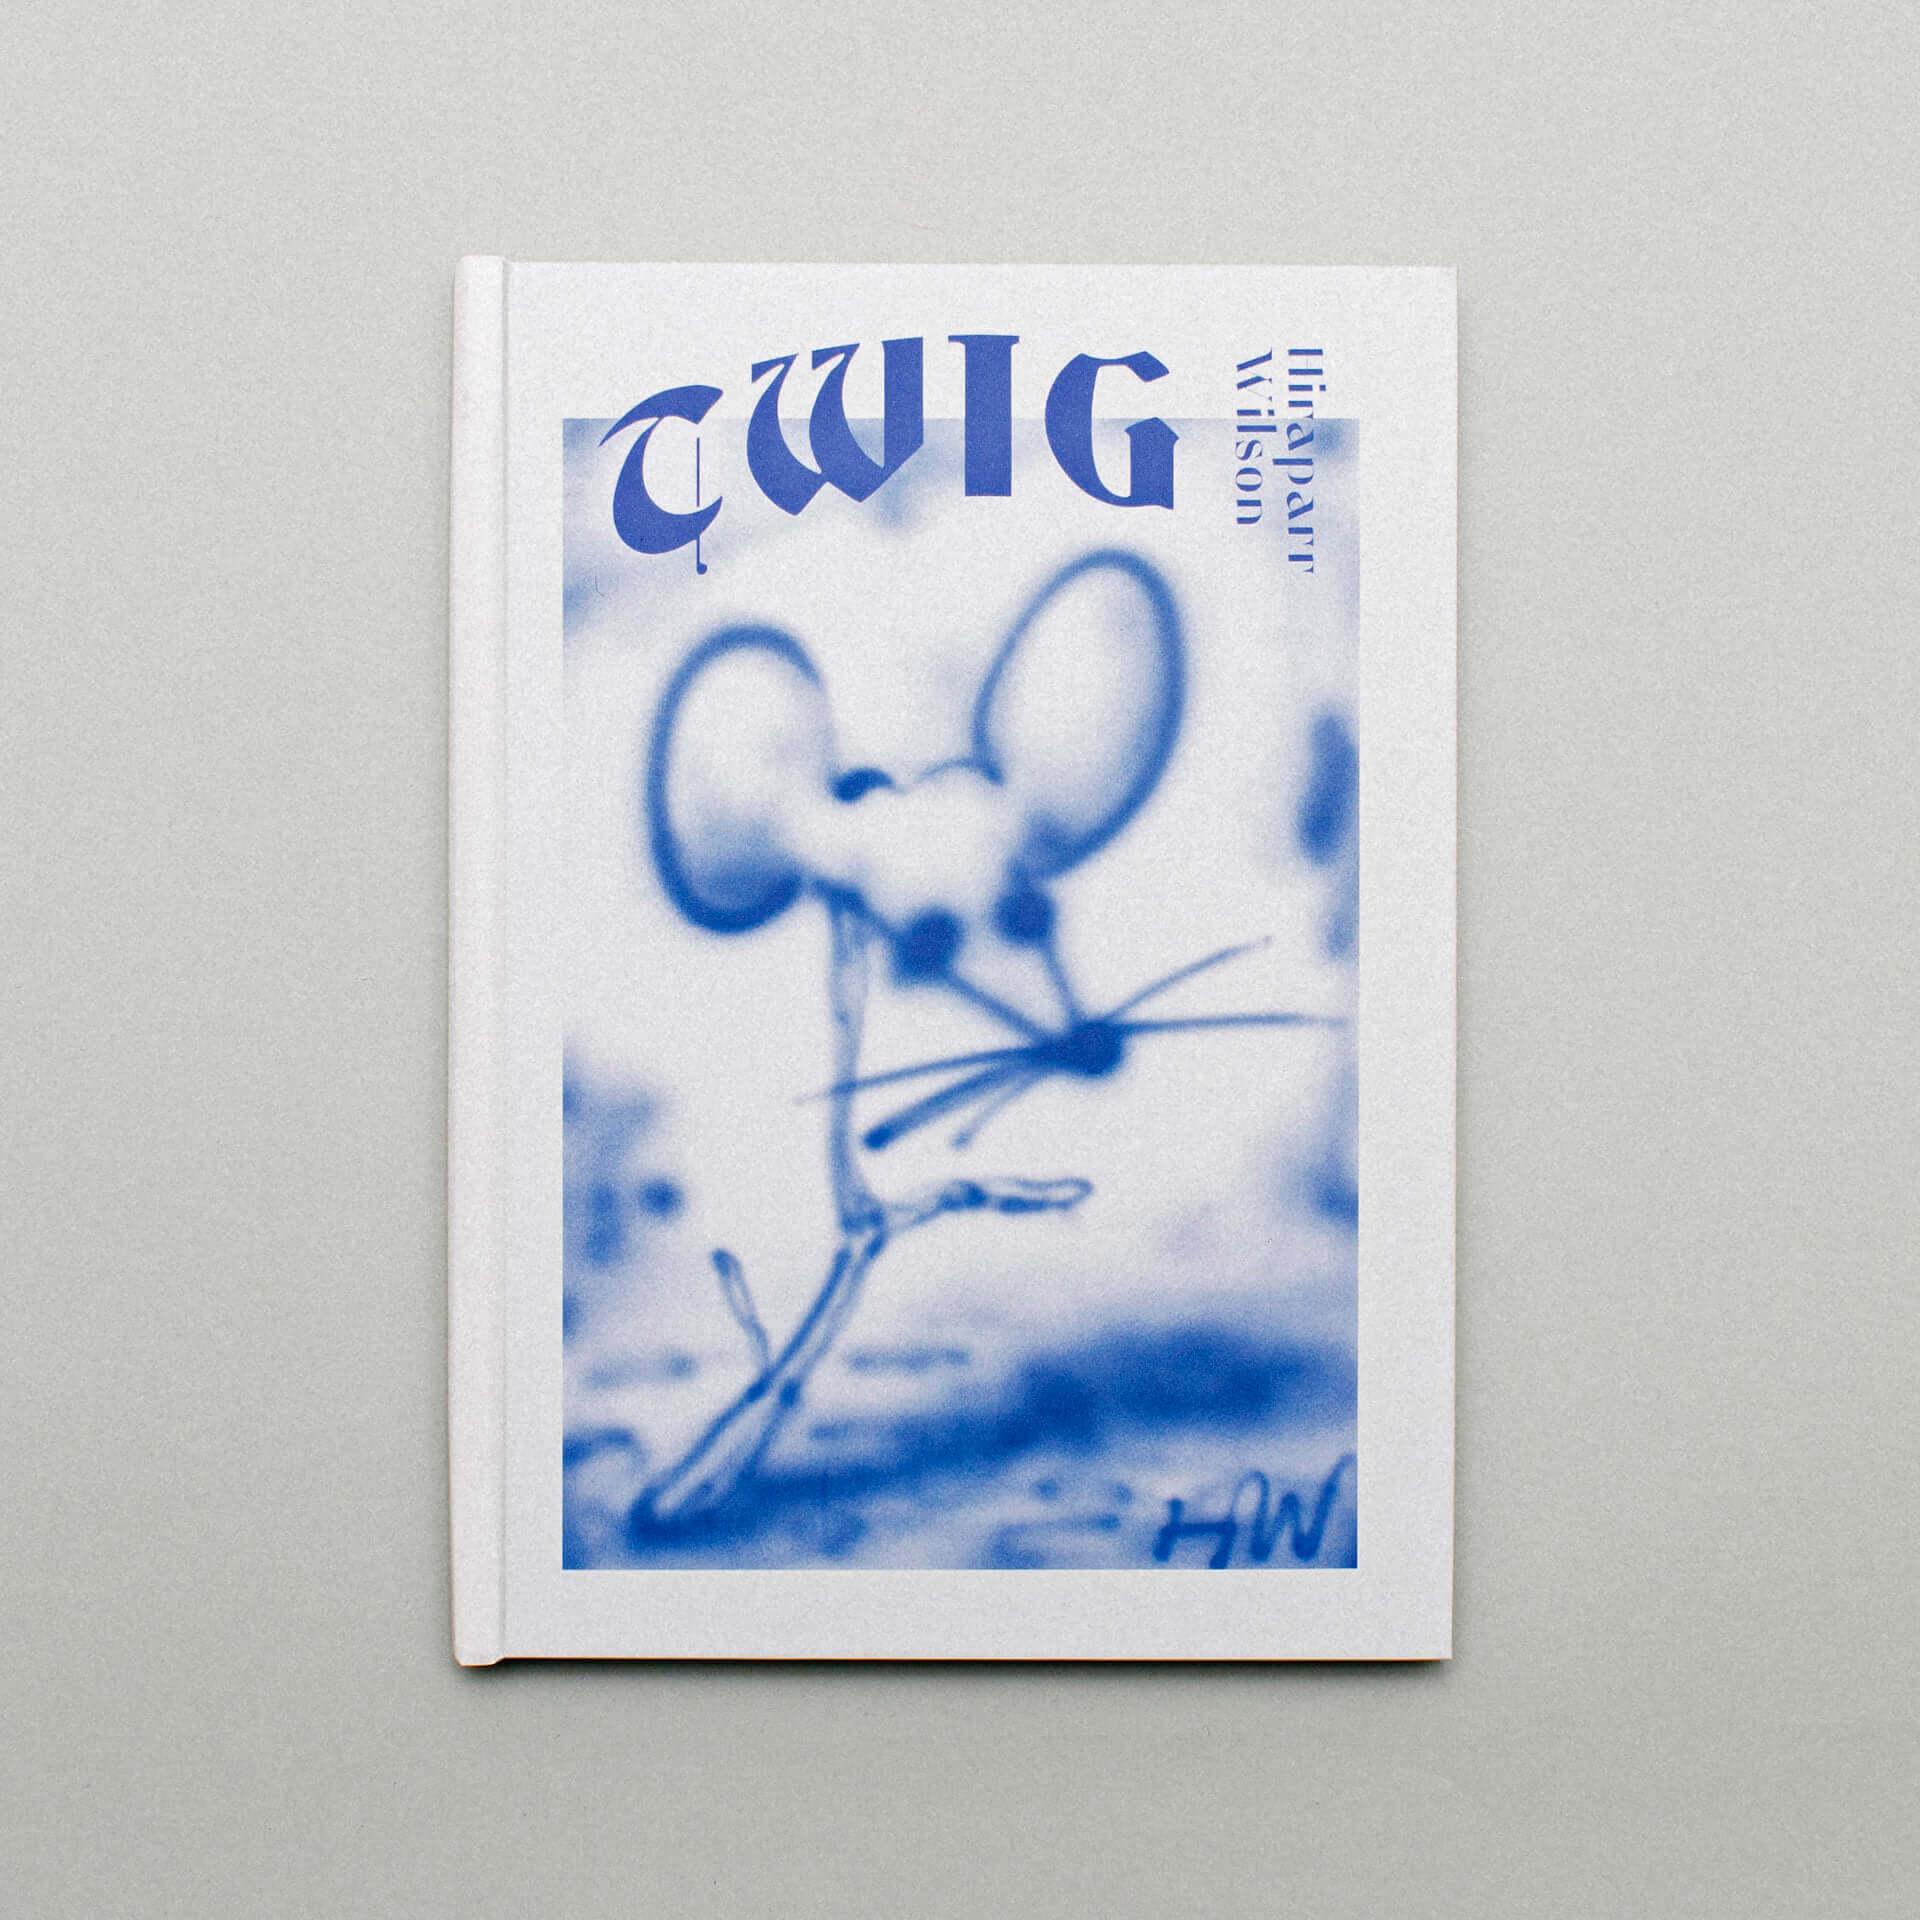 ヒラパー・ウィルソンの個展<TWIG>がLAID BUGにて開催決定!LAID BUGが監修したアートブックも販売 art210208_twig_17-1920x1920